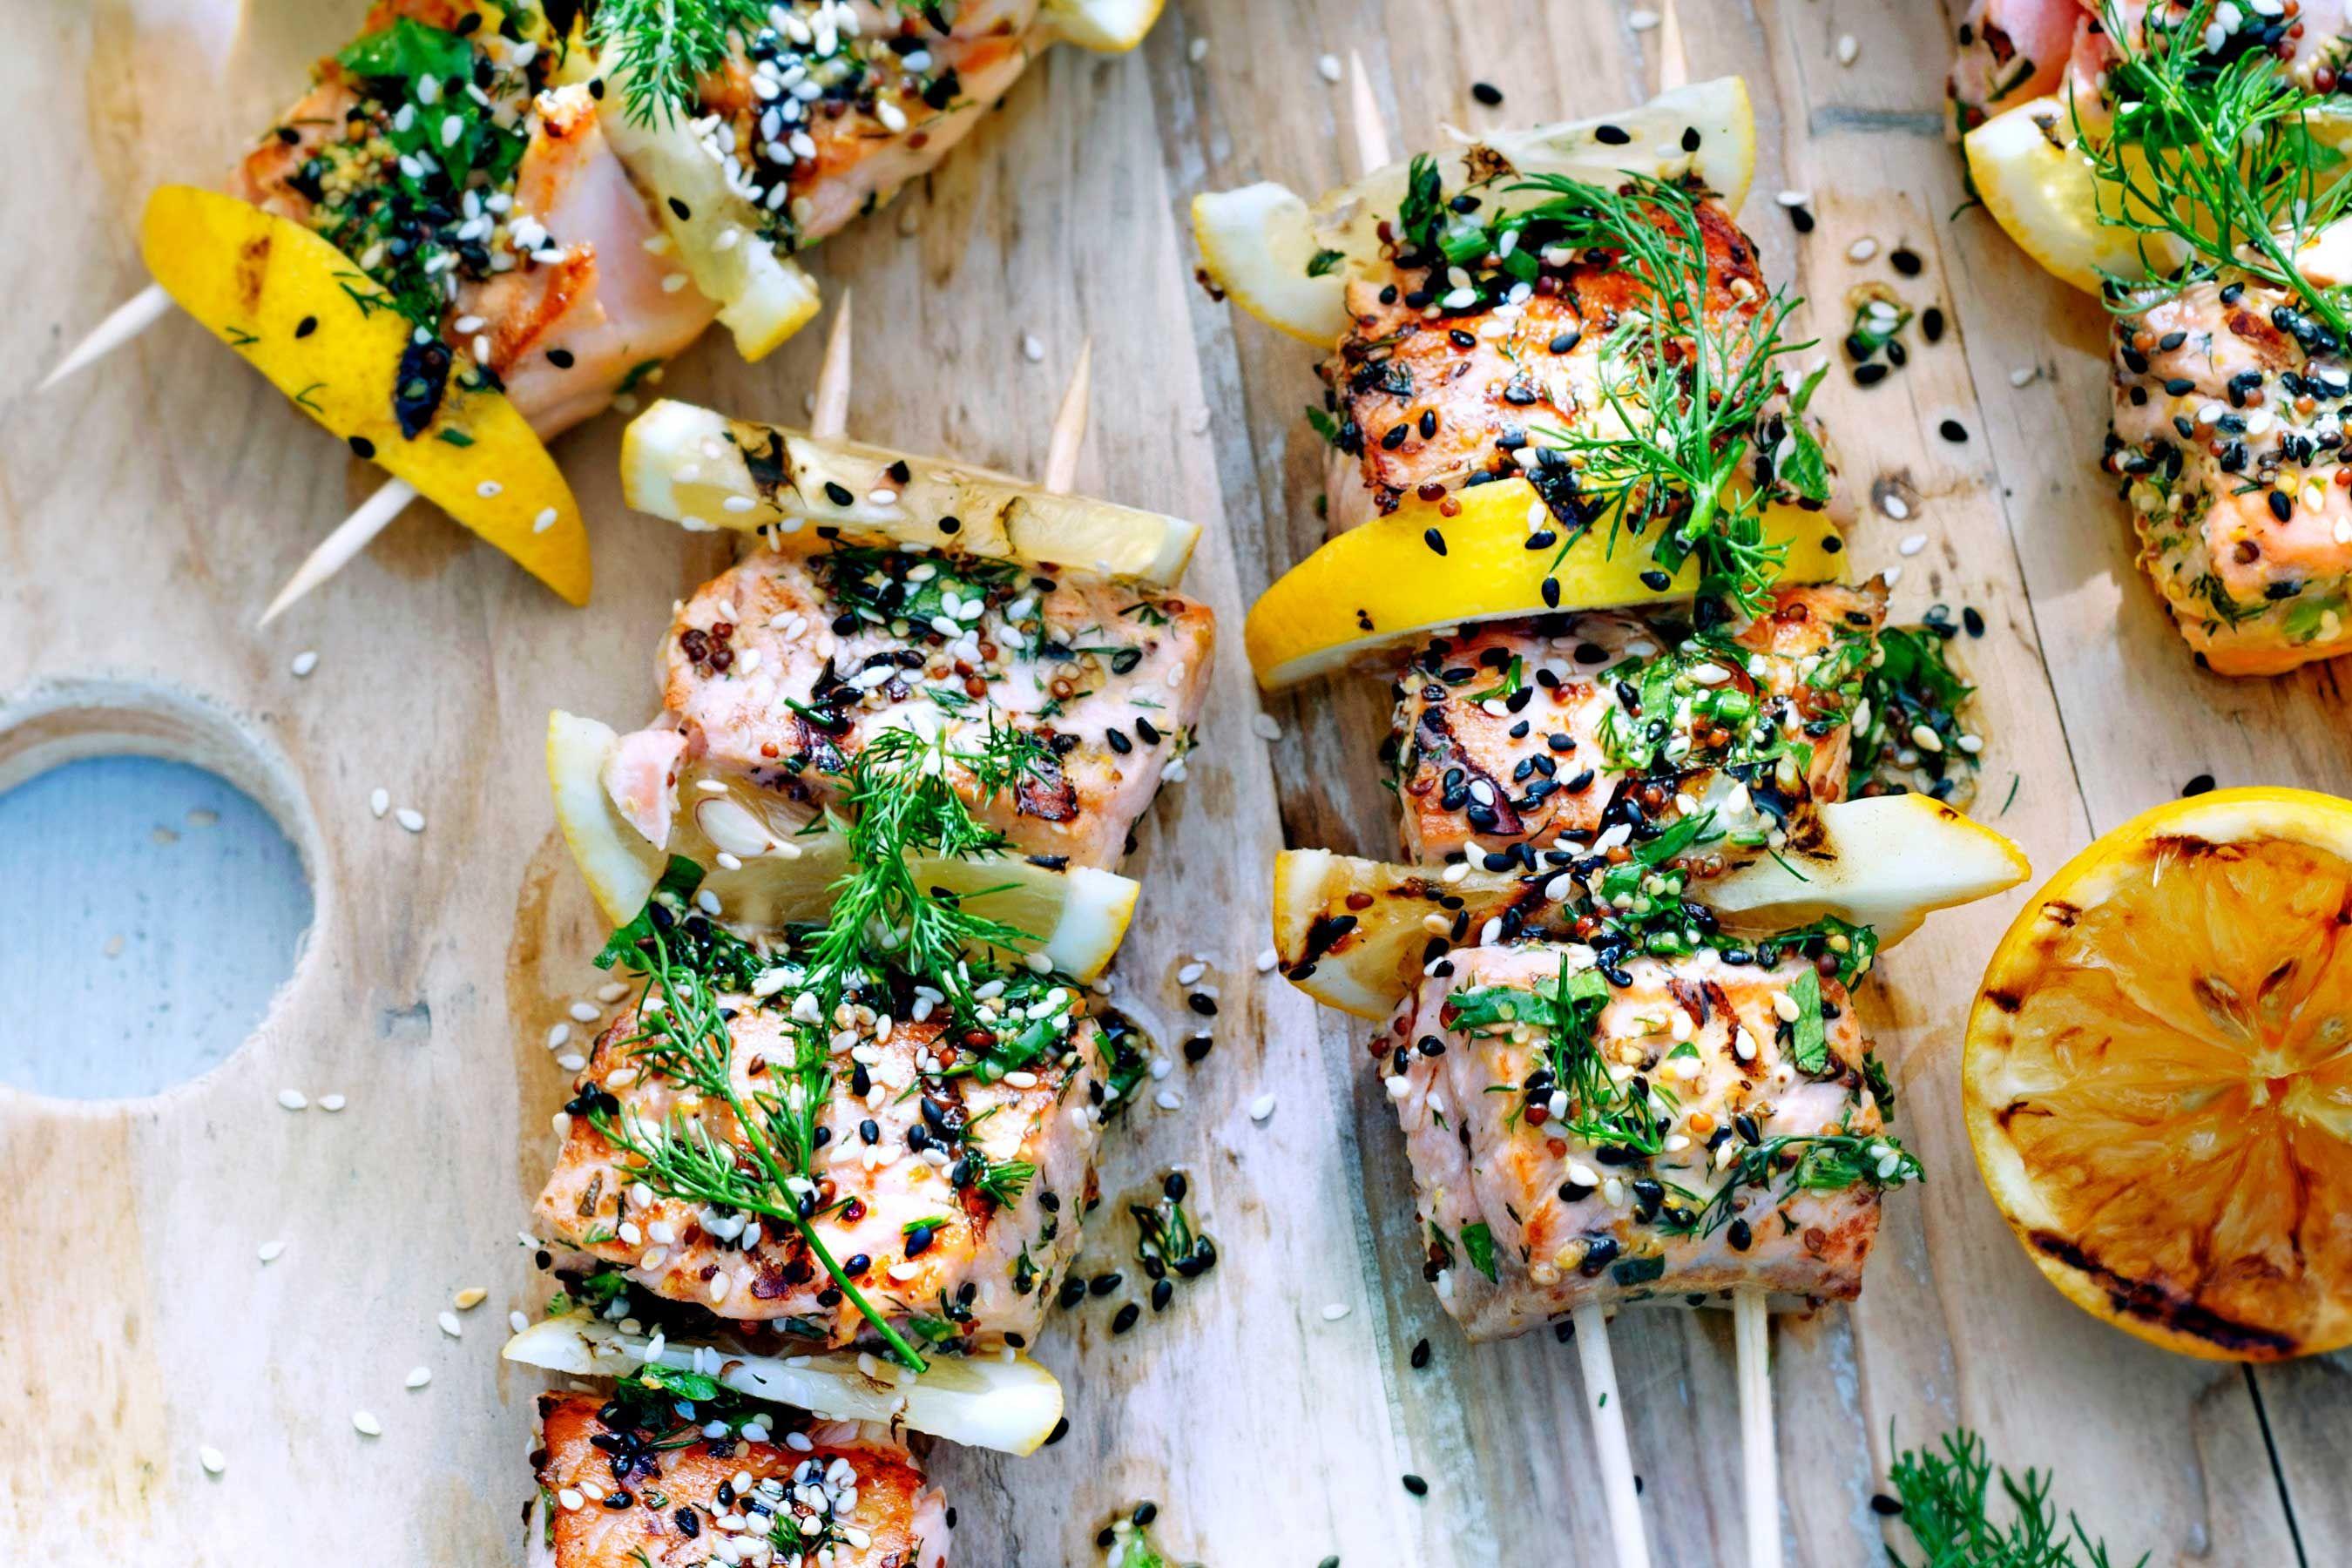 Hoe maak je vis en schaal- en schelpdieren op de barbecue klaar? Wij geven je tips voor een geslaagd resultaat.